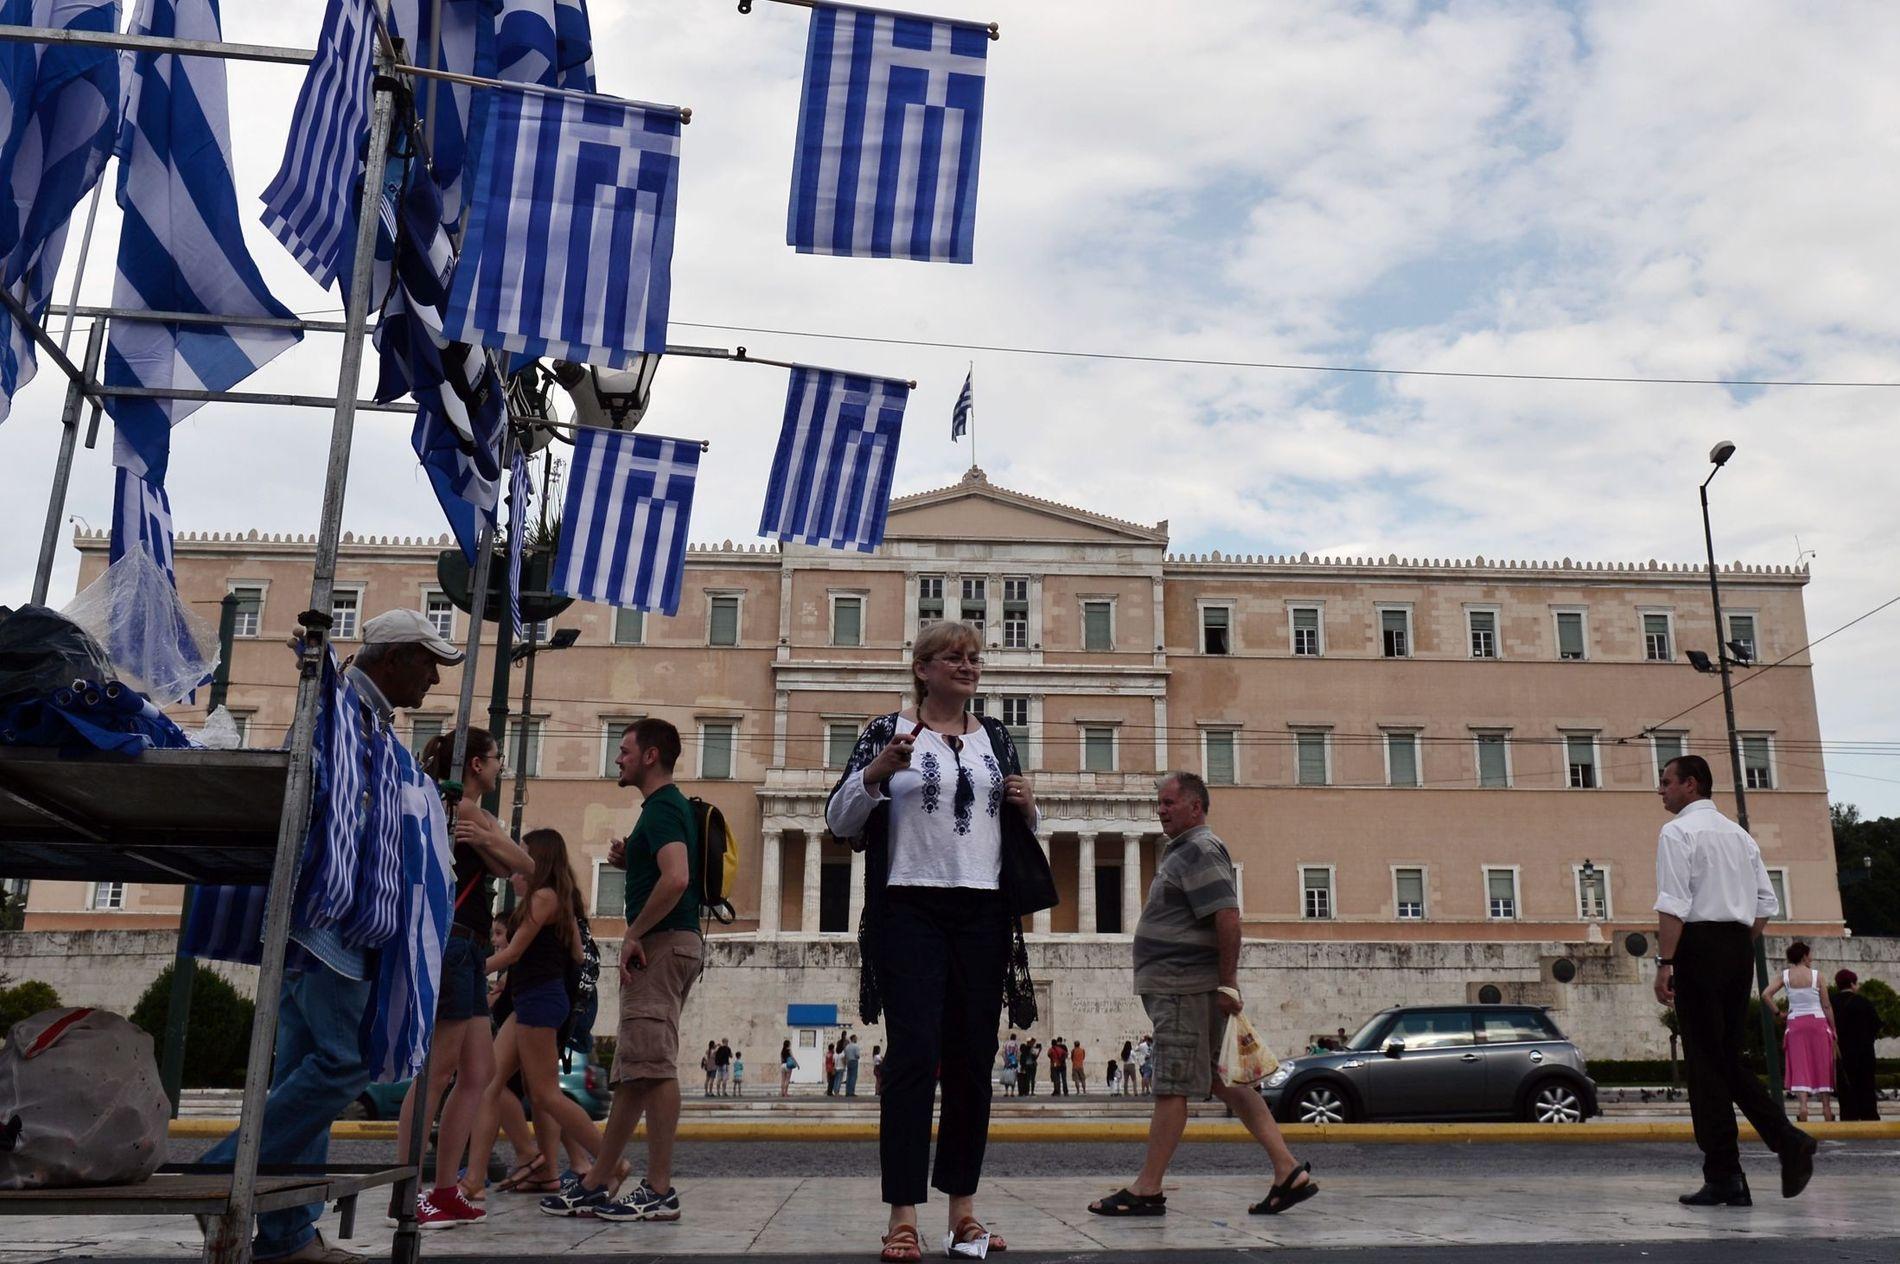 VANSKJØTET: En gateselger med bod foran det greske parlamentet. Per Valebrokk skriver at Hellas er vanskjøttet av sine politikere.